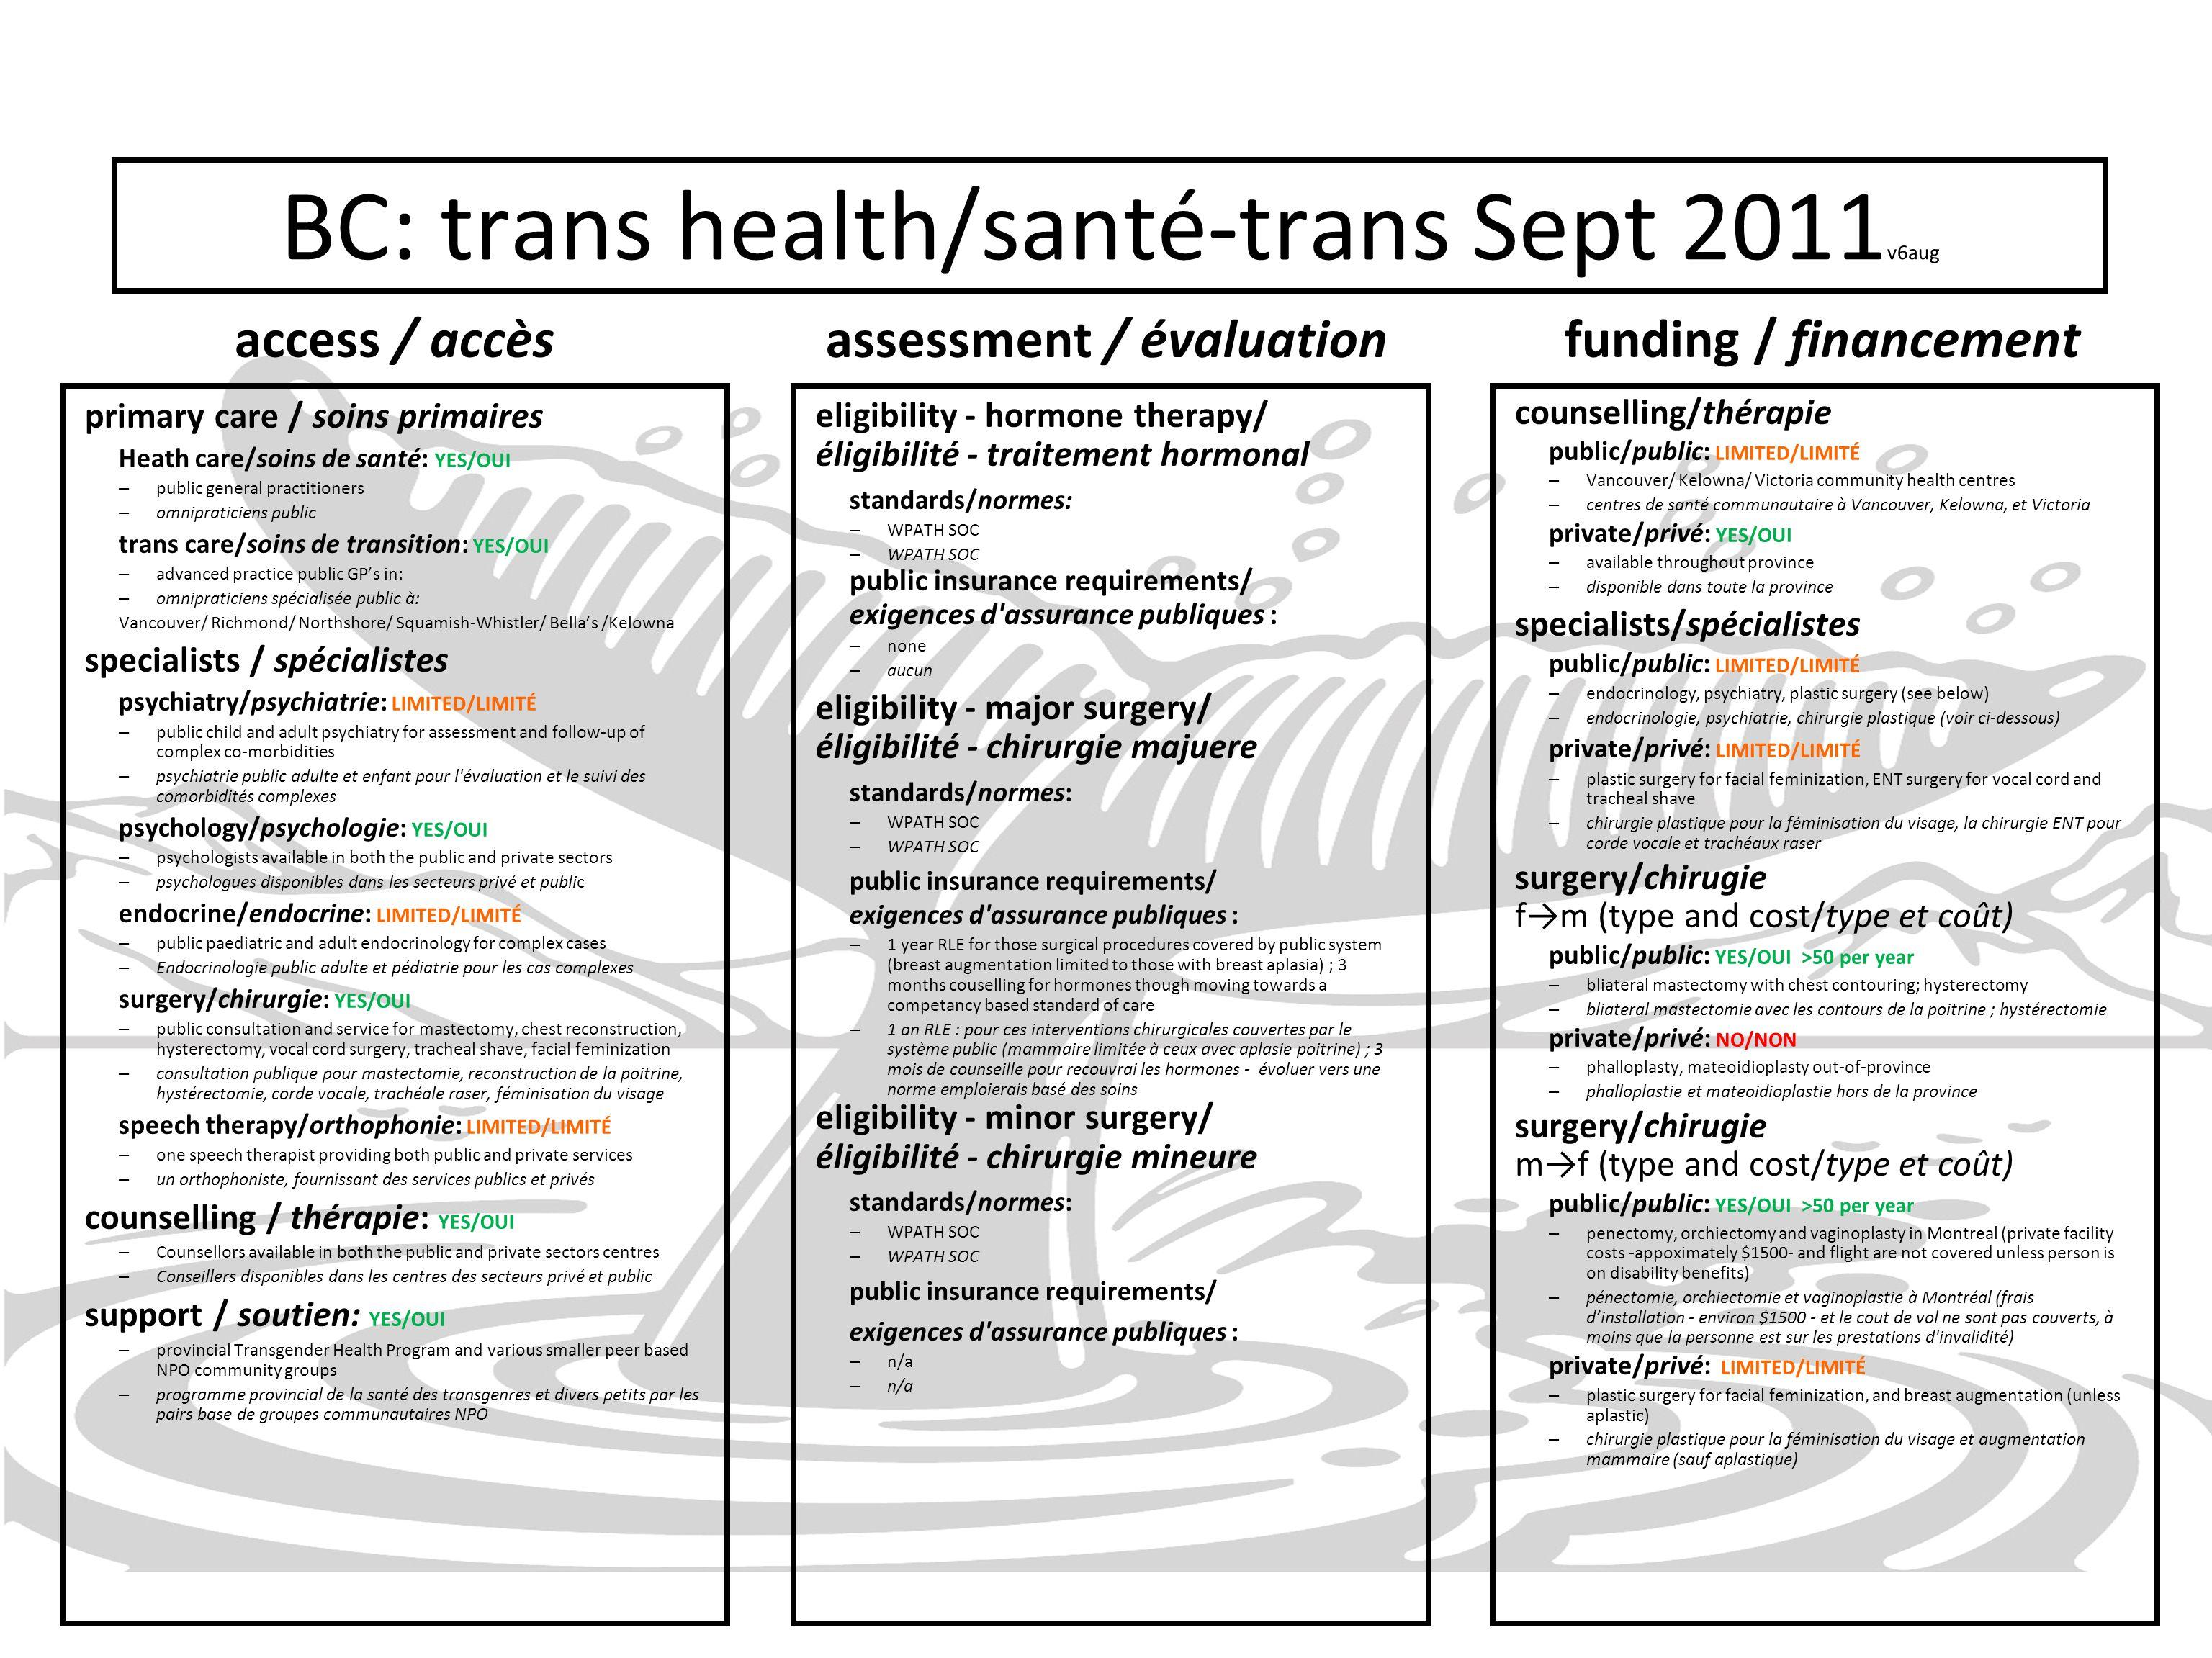 BC: trans health/santé-trans Sept 2011v6aug